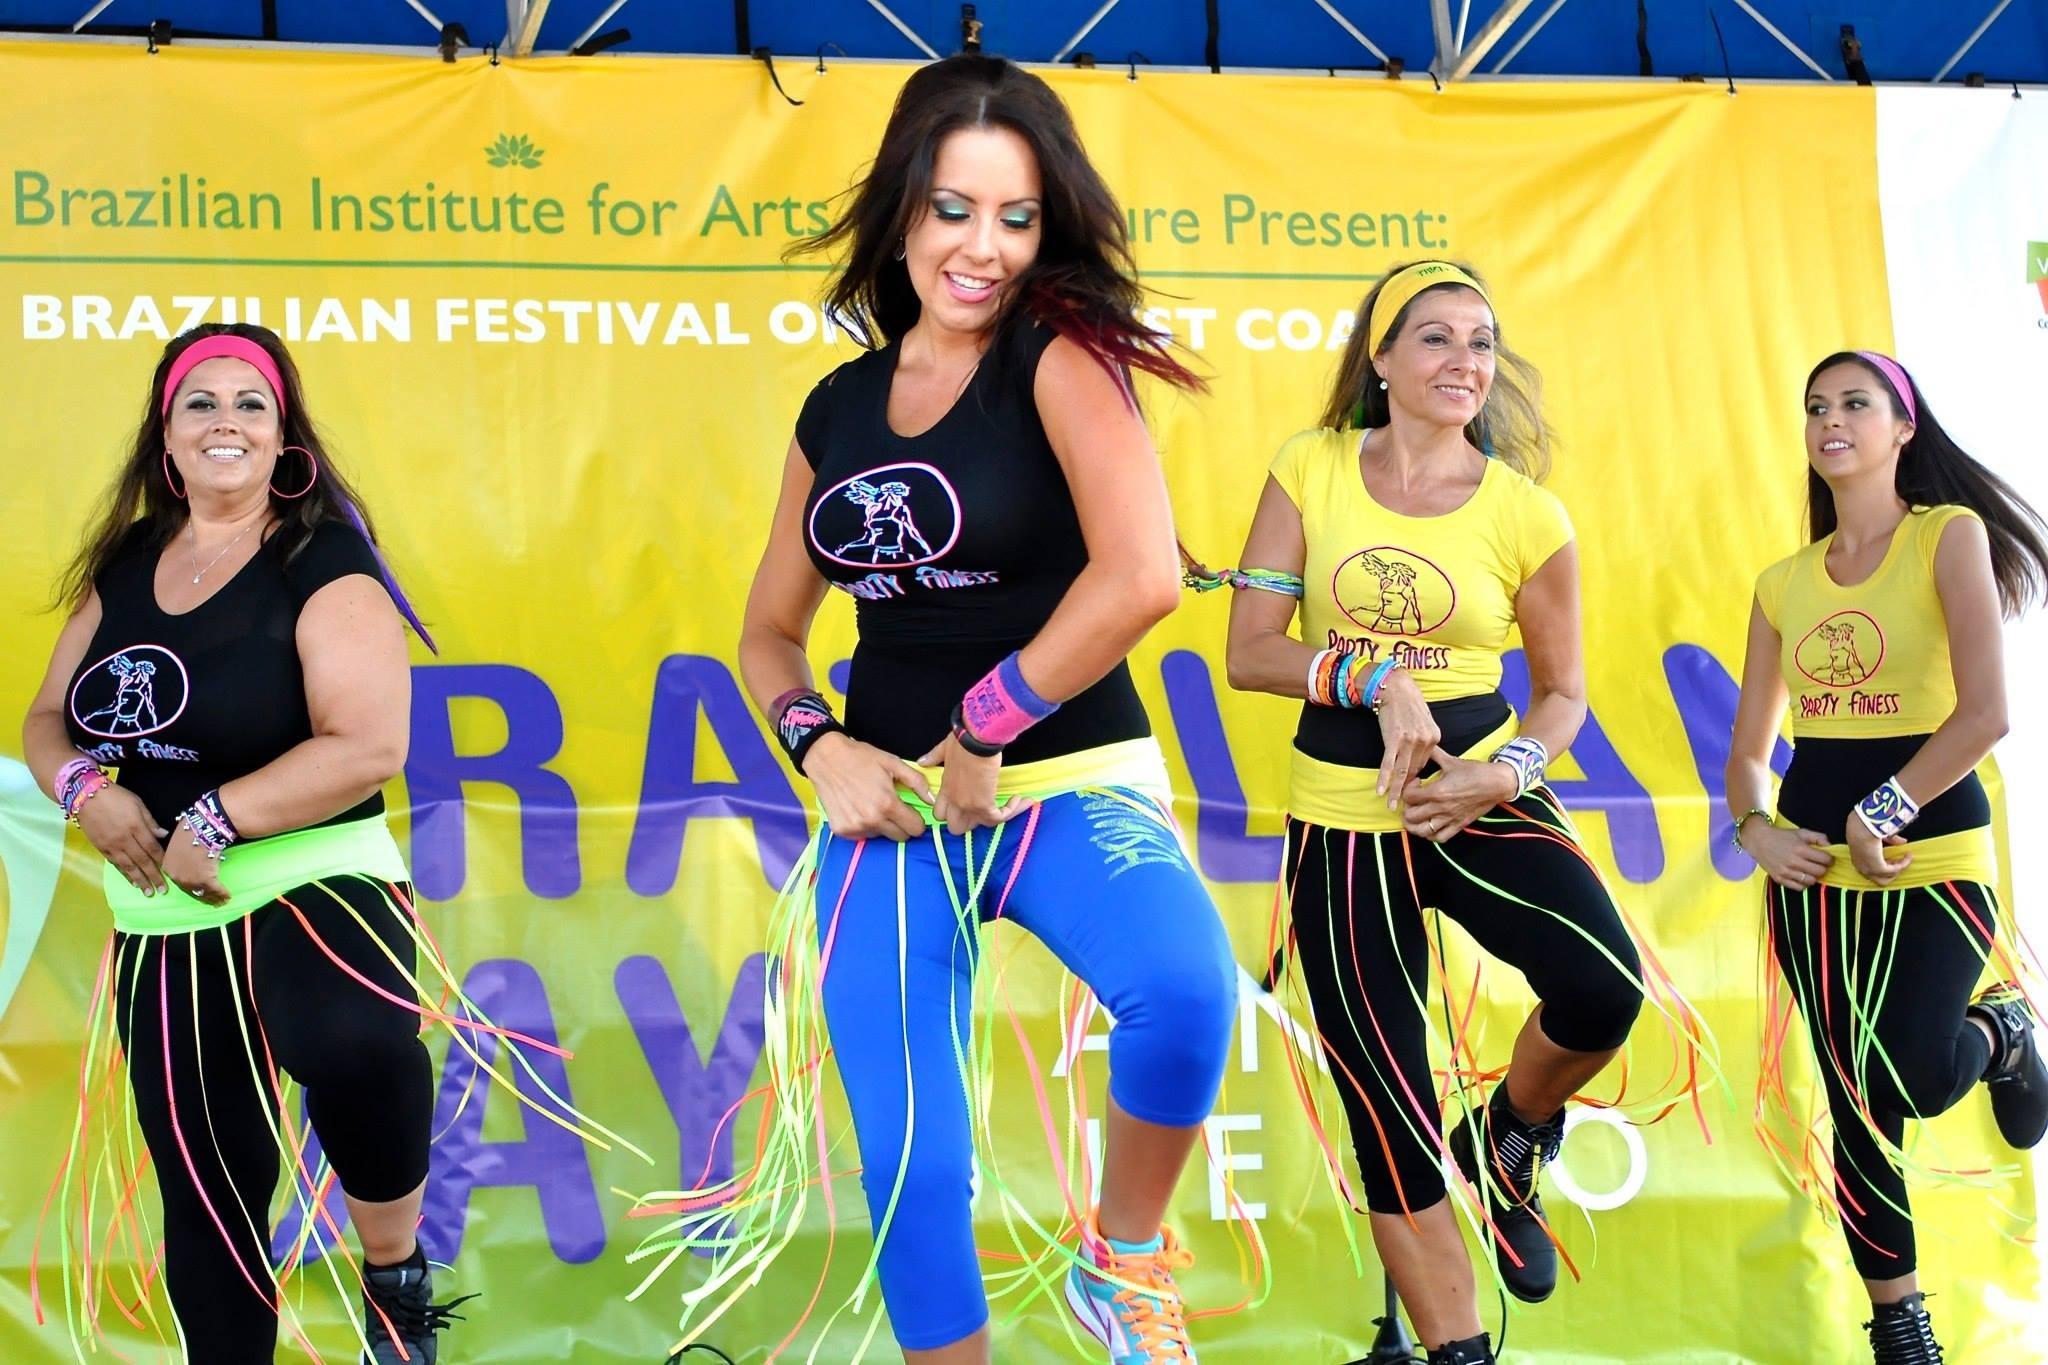 Party Fitness Zumba Studio San Diego Brazilian Day